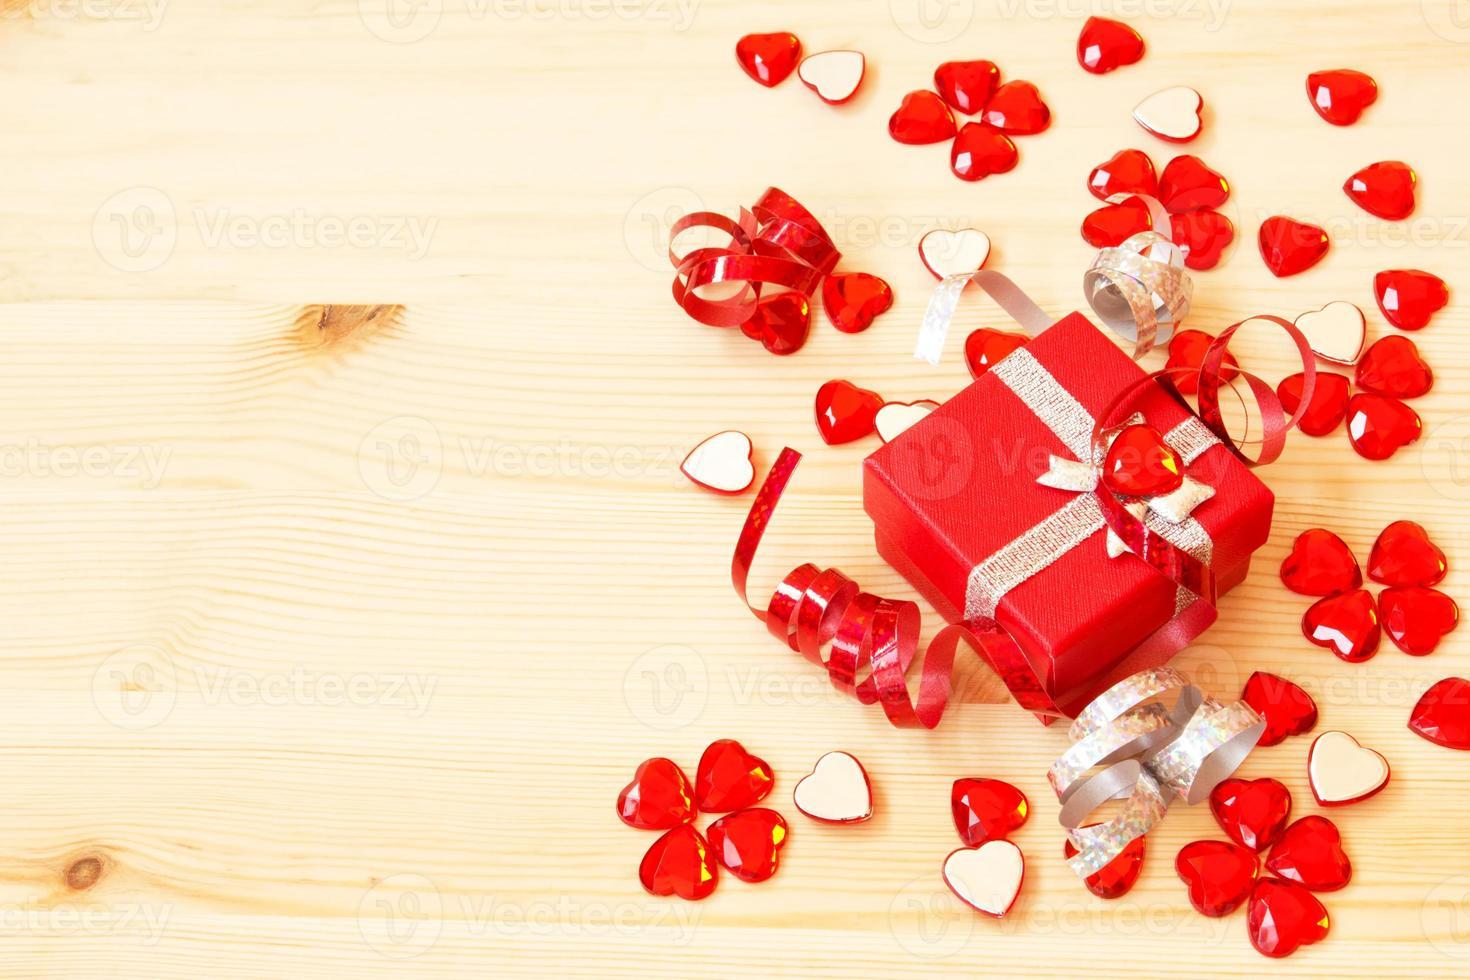 röd presentask, band och alla hjärtans hjärtan foto